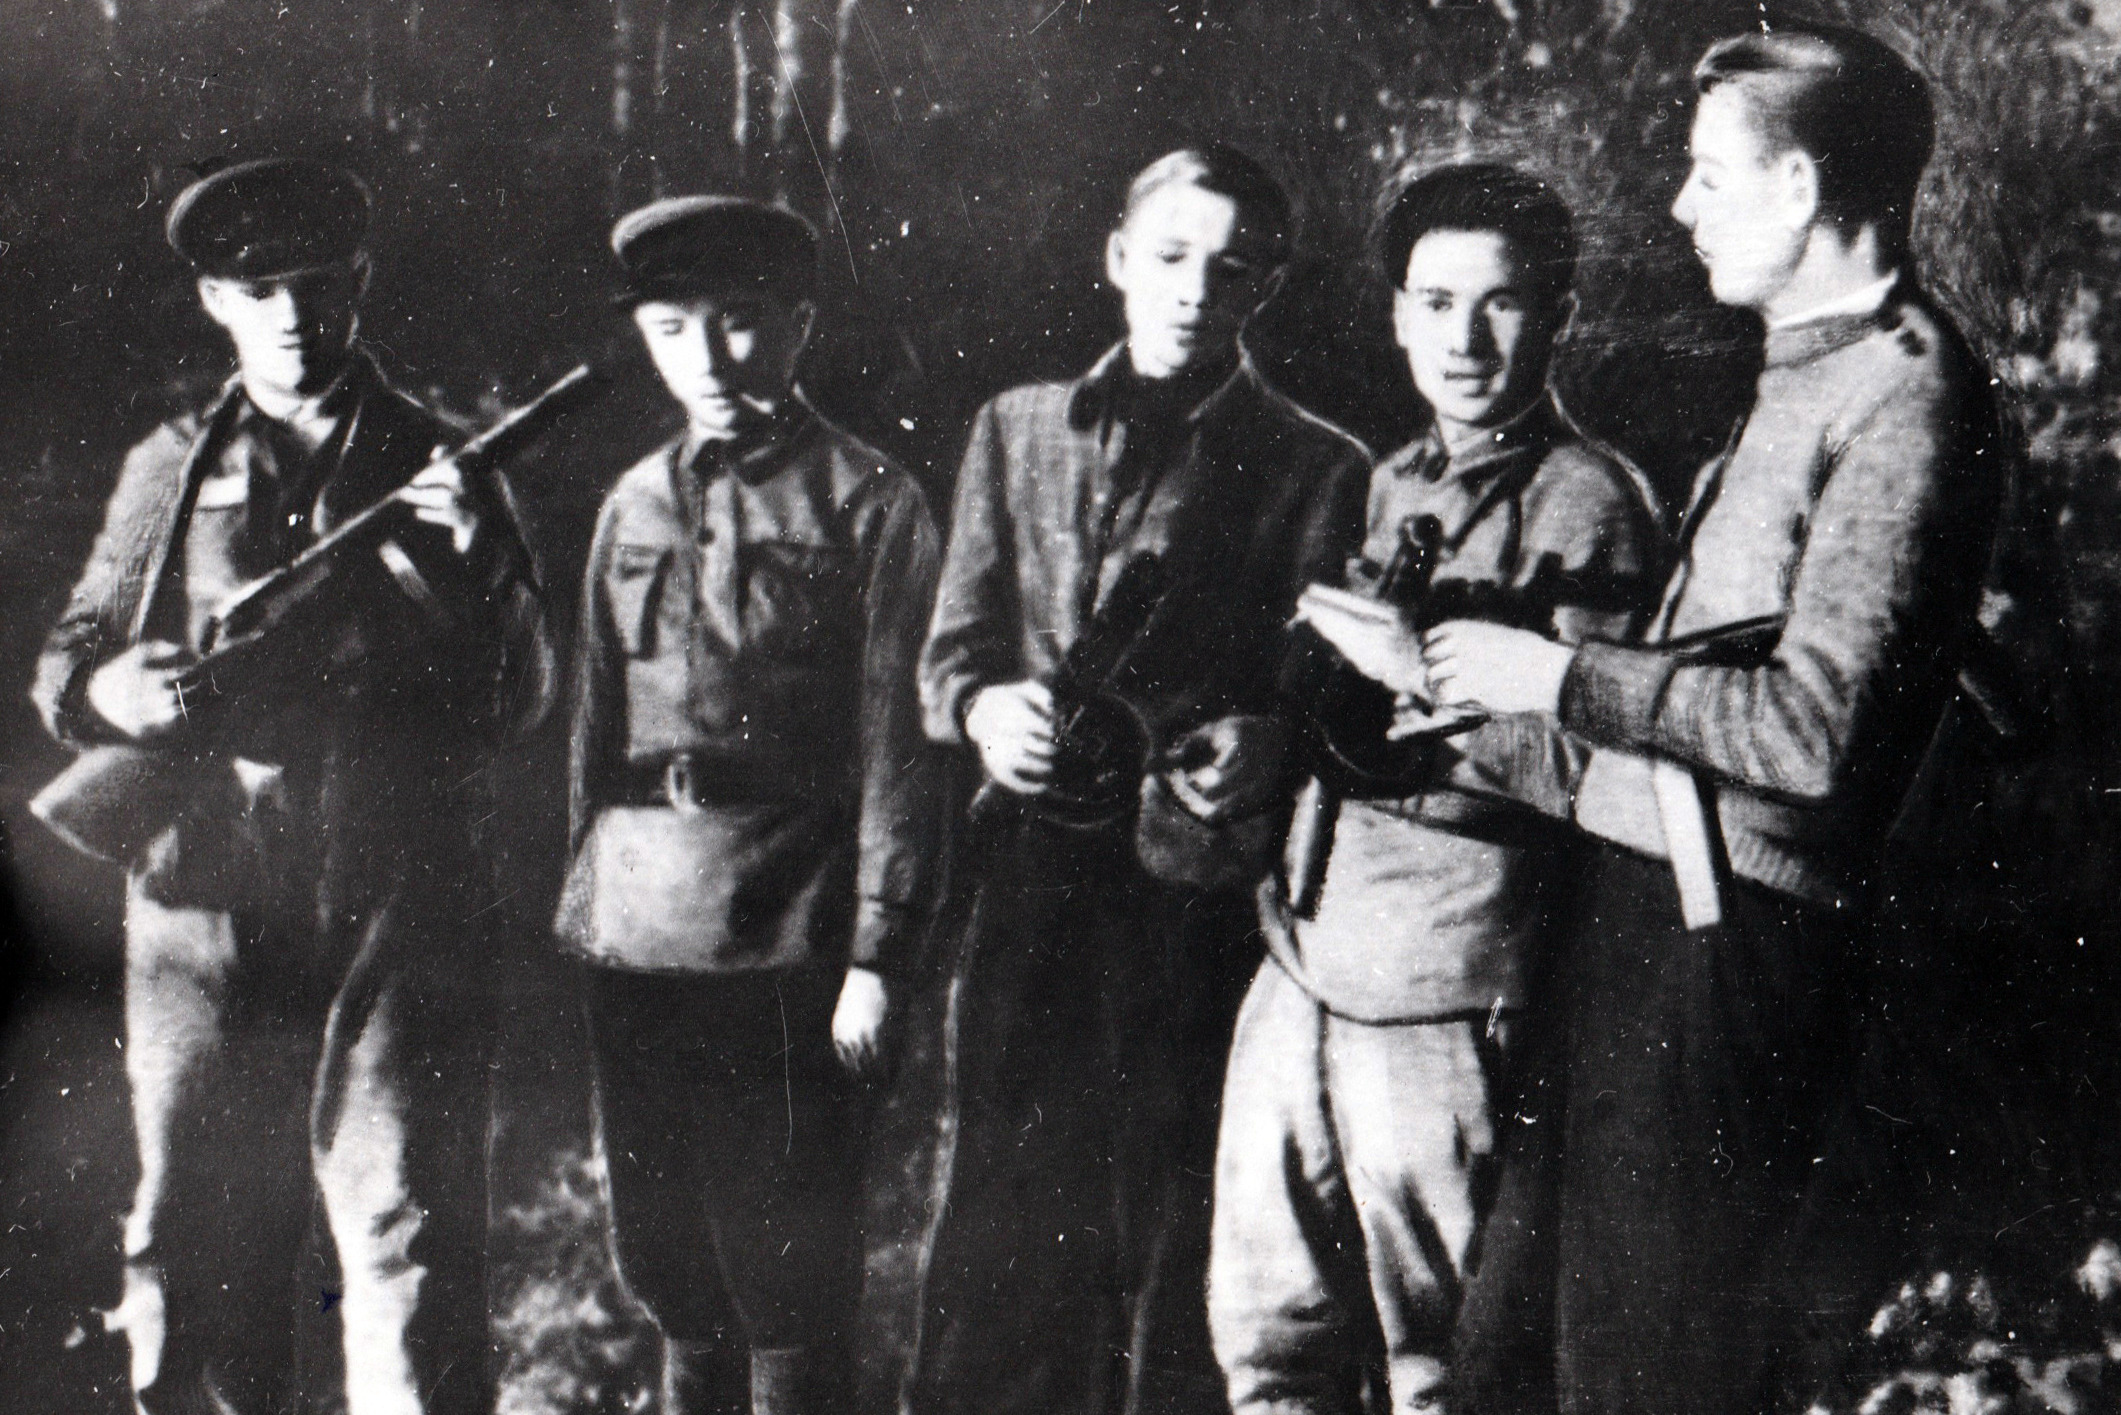 Пётр Машеров (второй слева), 1942 год